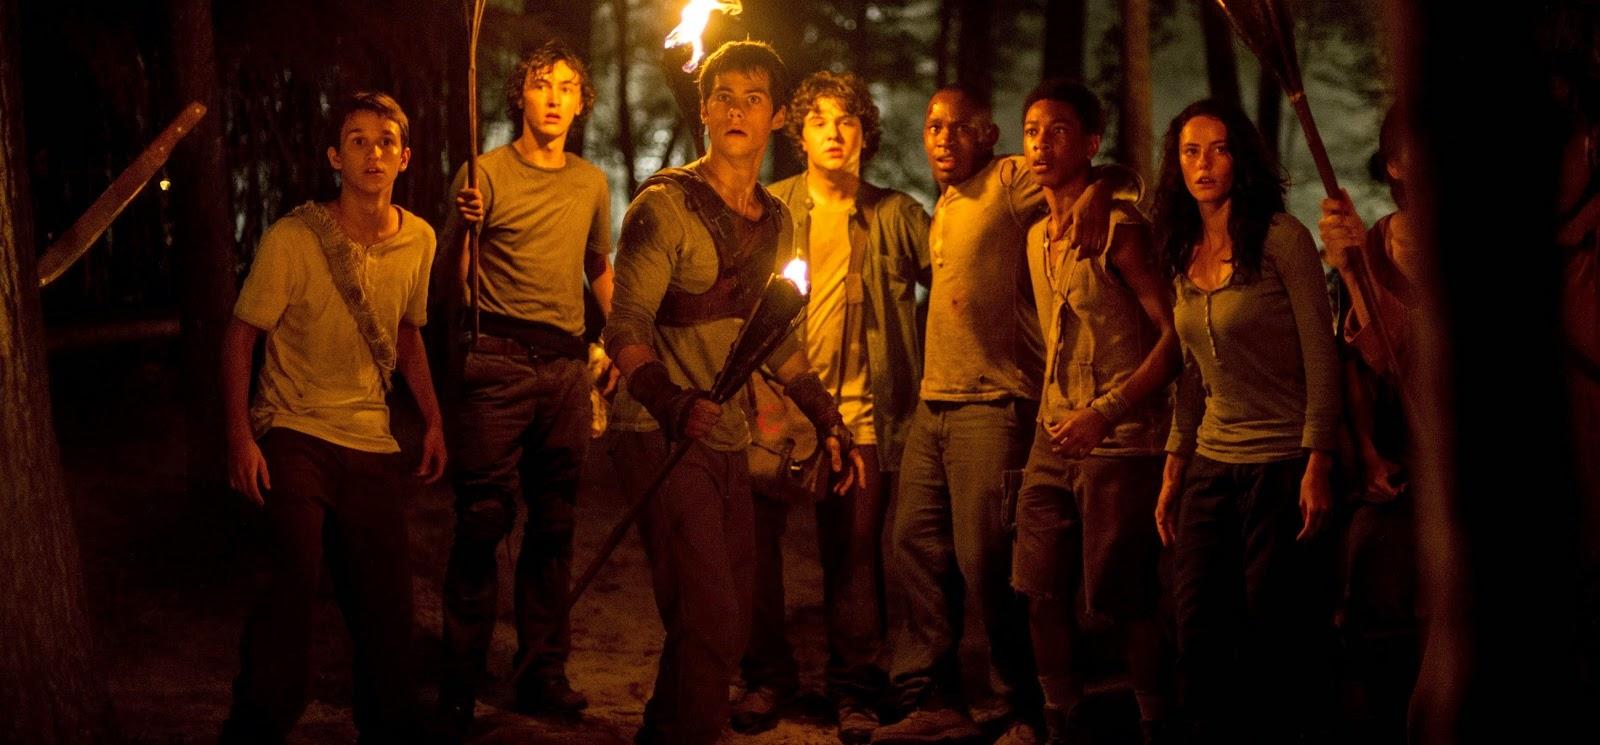 Cena inédita da adaptação Maze Runner - Correr ou Morrer, com Dylan O'Brien e Will Poulter